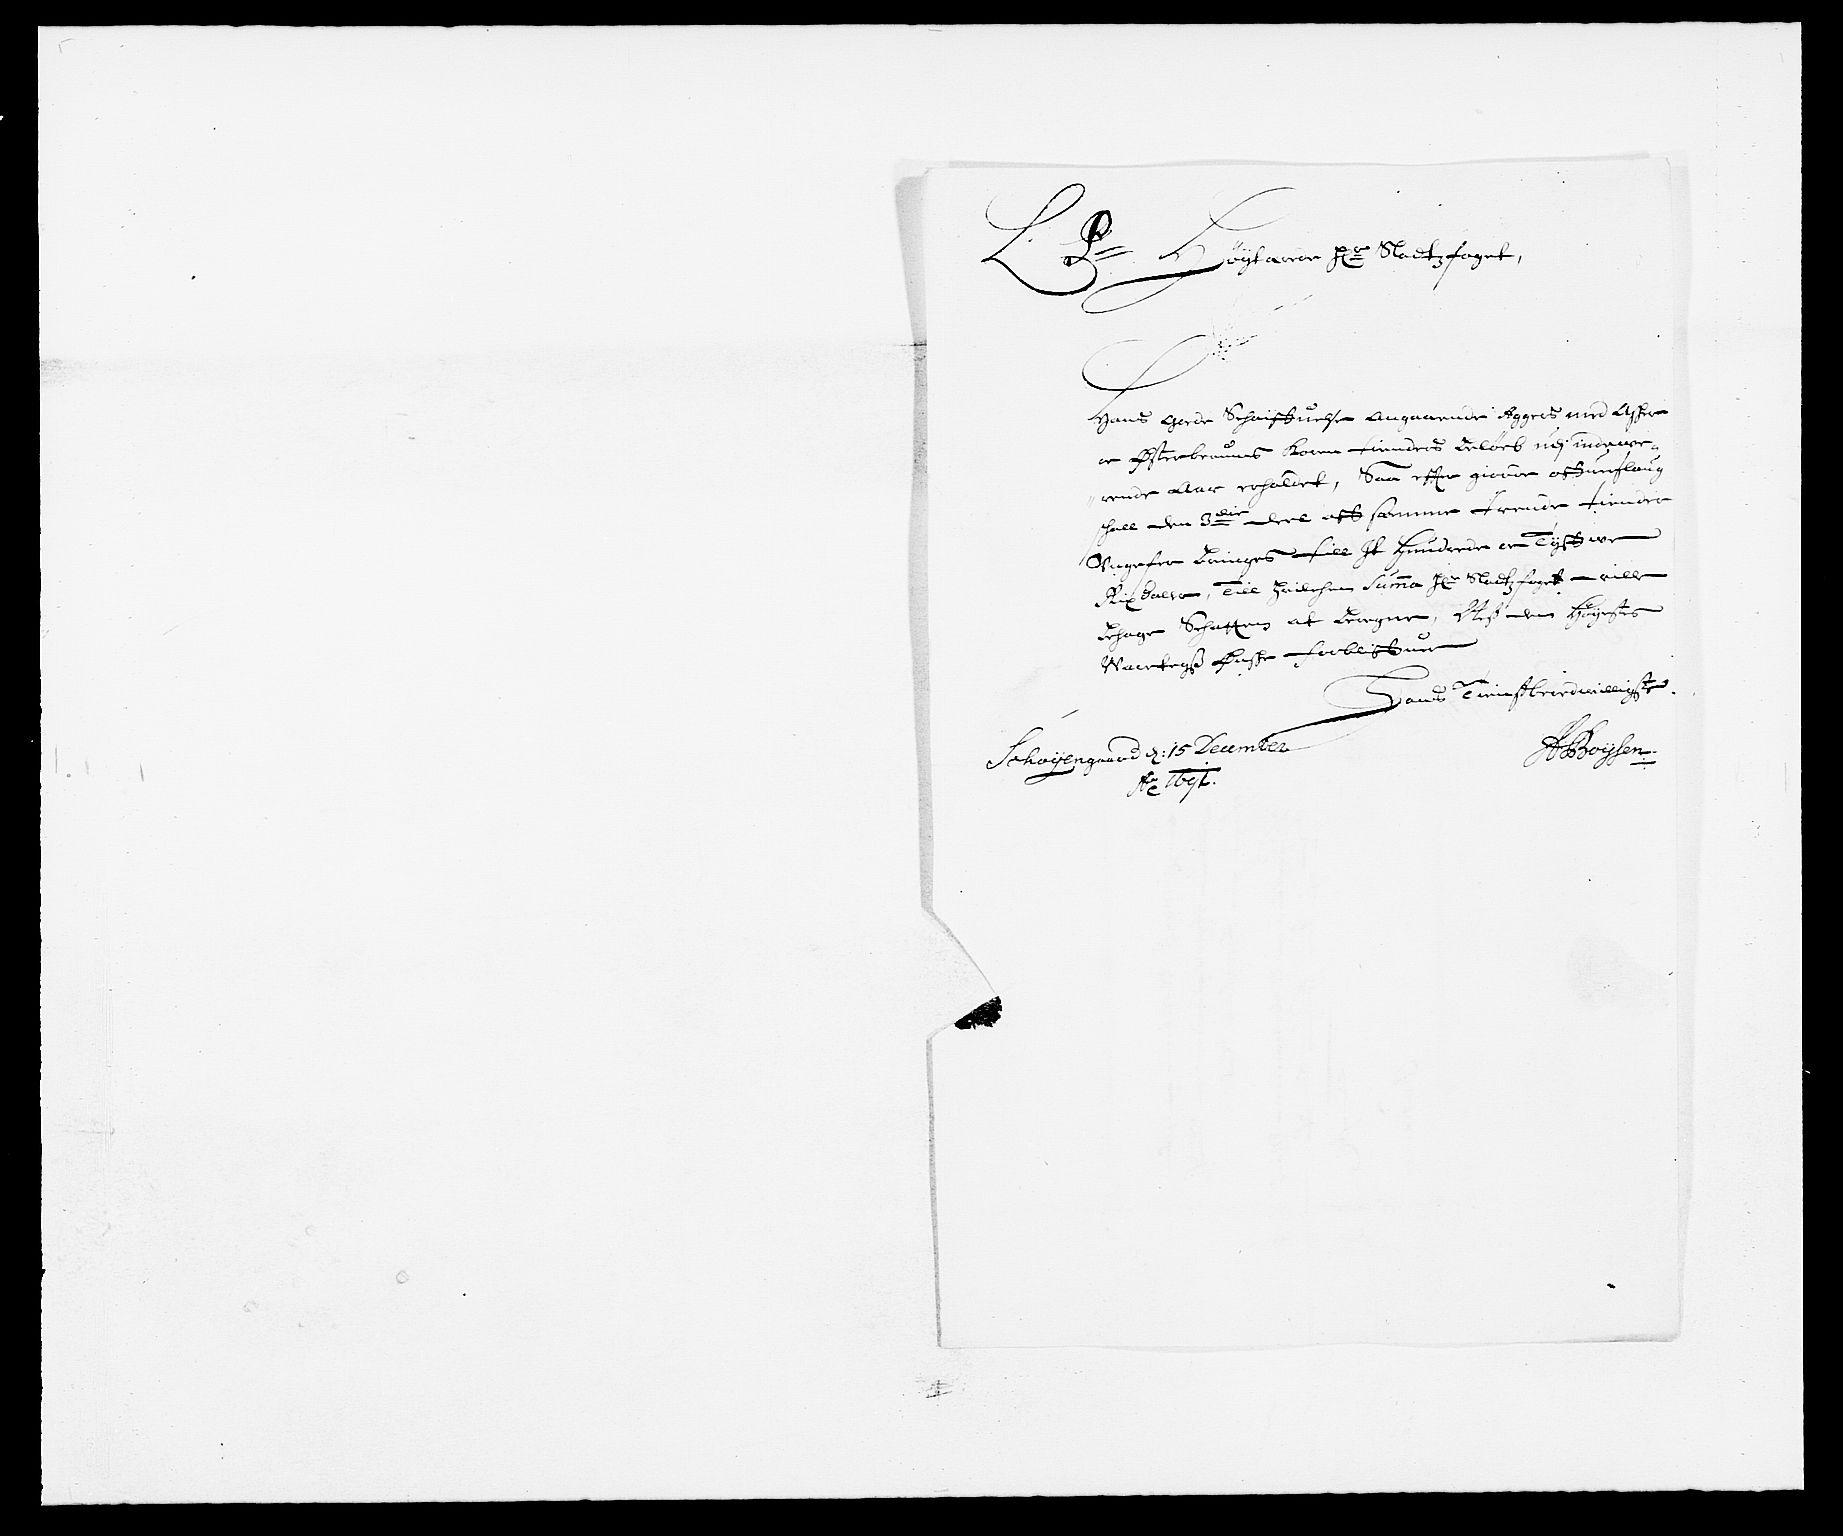 RA, Rentekammeret inntil 1814, Reviderte regnskaper, Fogderegnskap, R08/L0423: Fogderegnskap Aker, 1687-1689, s. 276